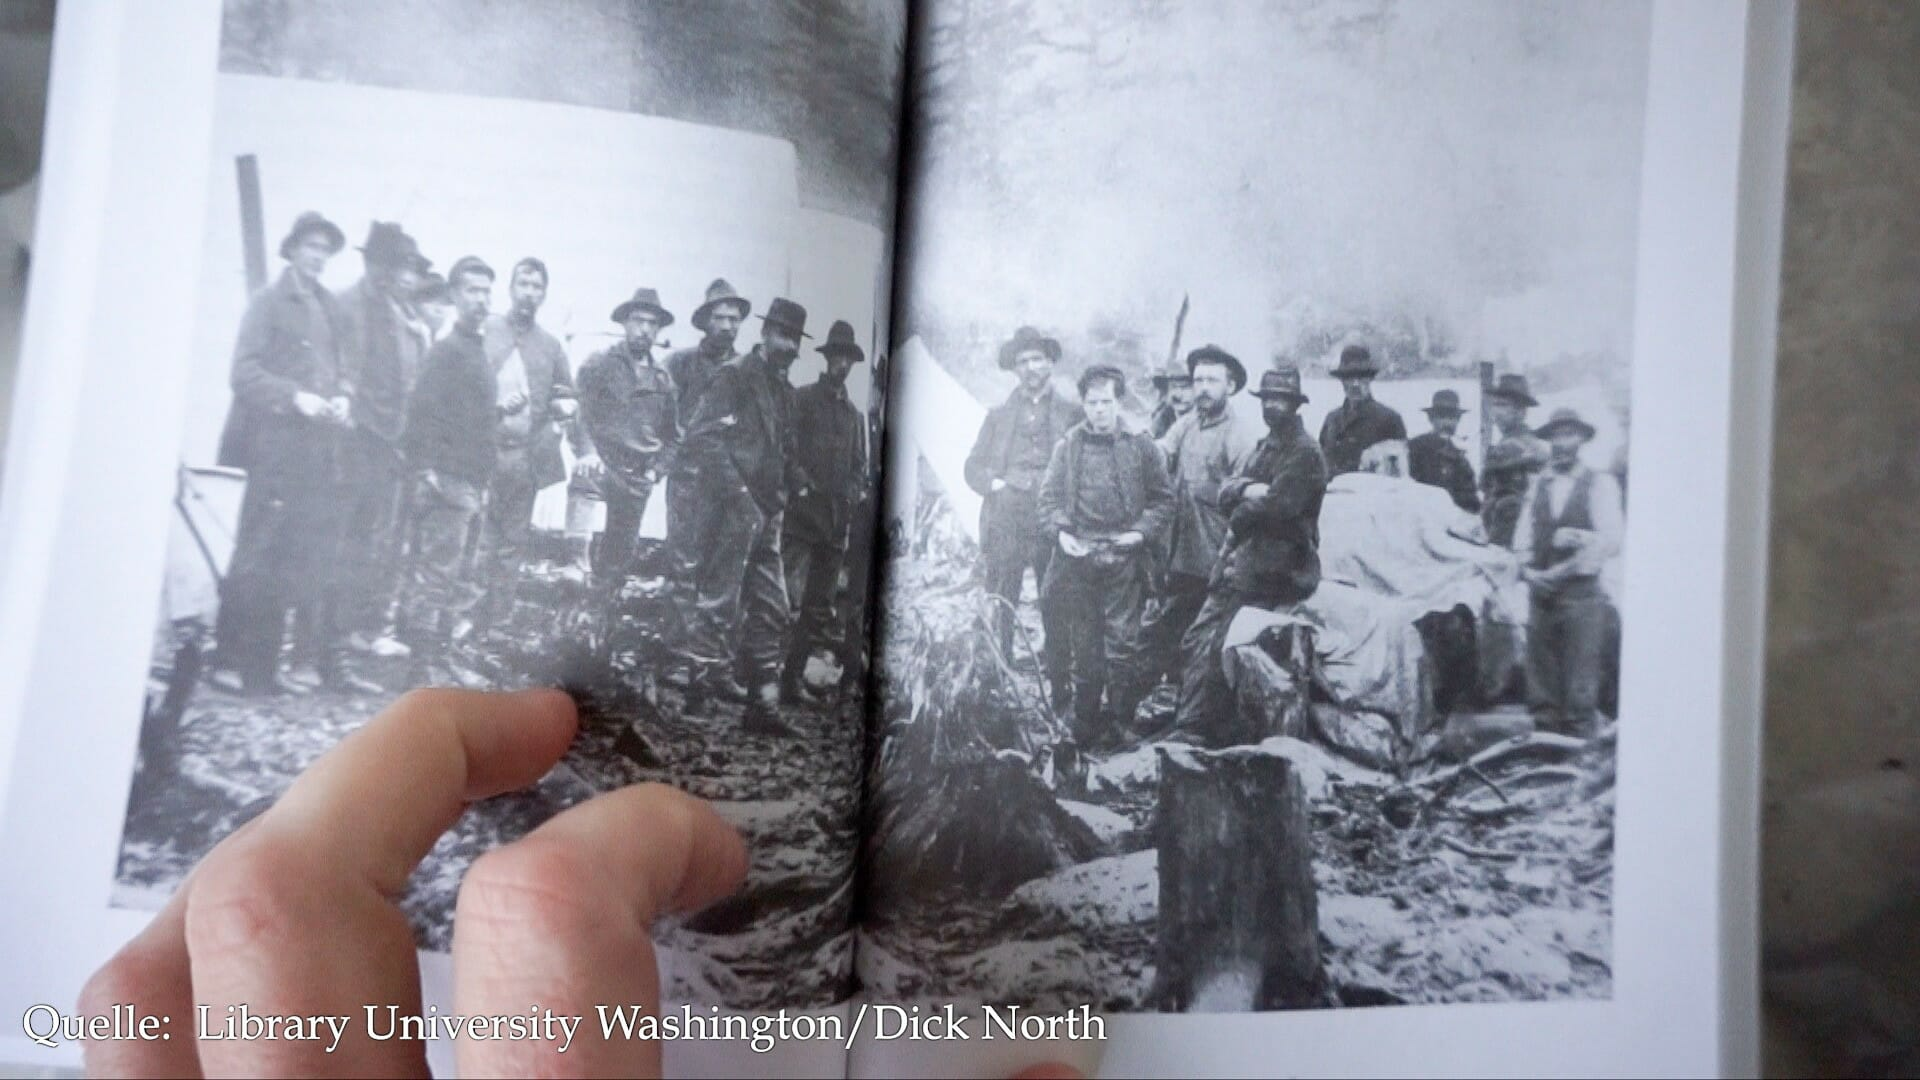 In den Archiven hat Dick North in den 1980er-Jahren dieses Foto von 1897 gefunden. Es ist das einzige Foto, das Jack London in seiner Zeit im Yukon zeigt.